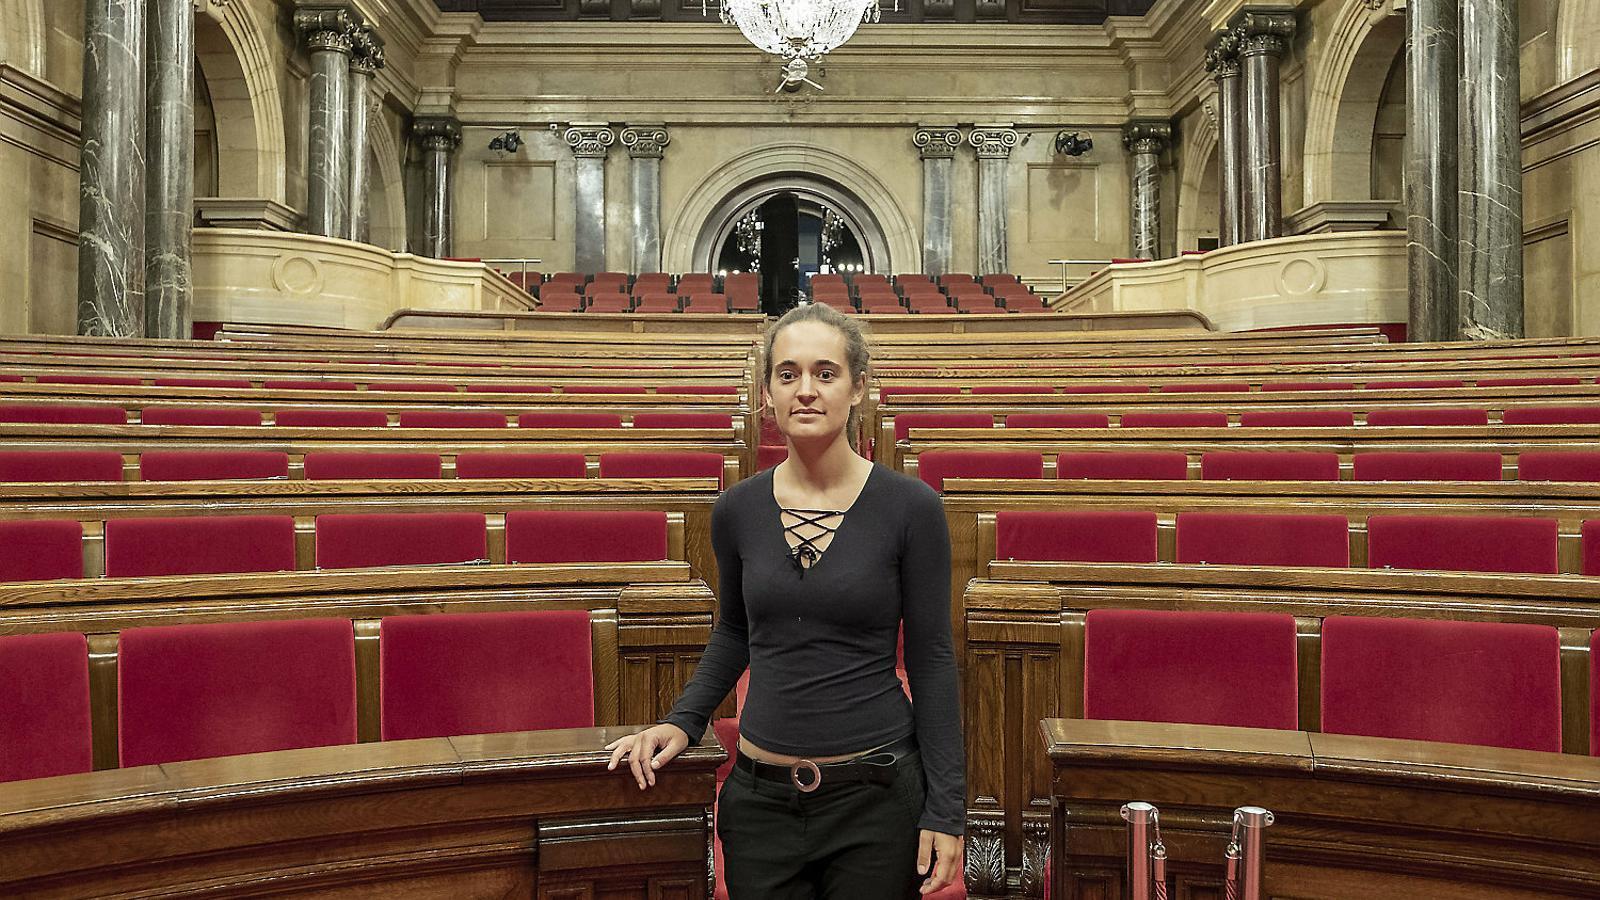 """Carola Rackete: """"És tràgic que a Catalunya hi hagi presos polítics"""""""